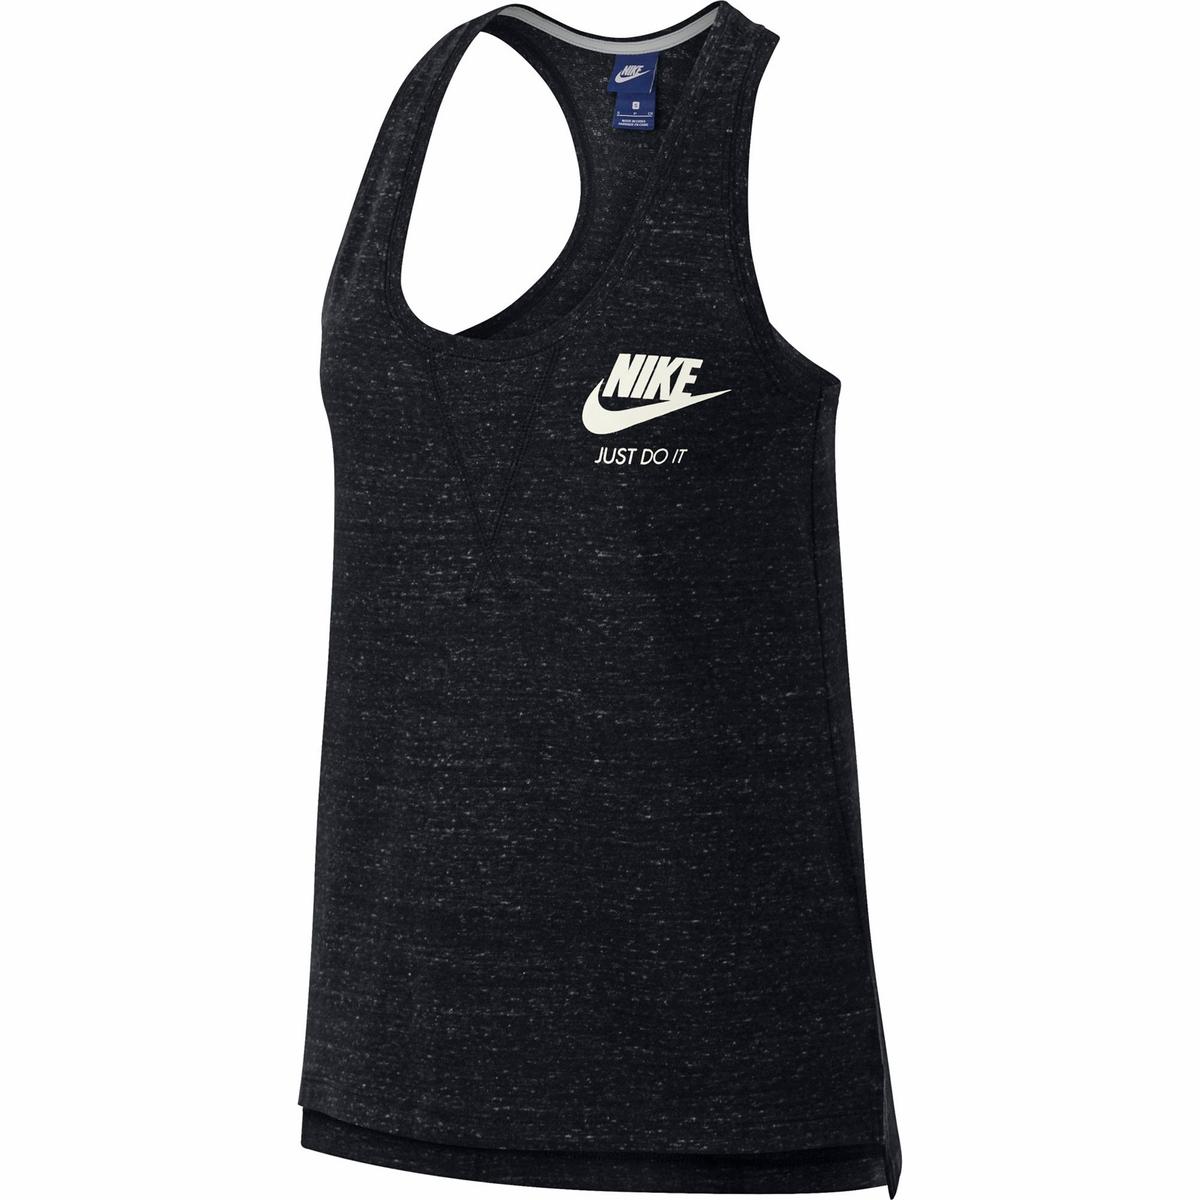 Camiseta sin mangas con espalda estilo nadador Sportswear Gym Vintage